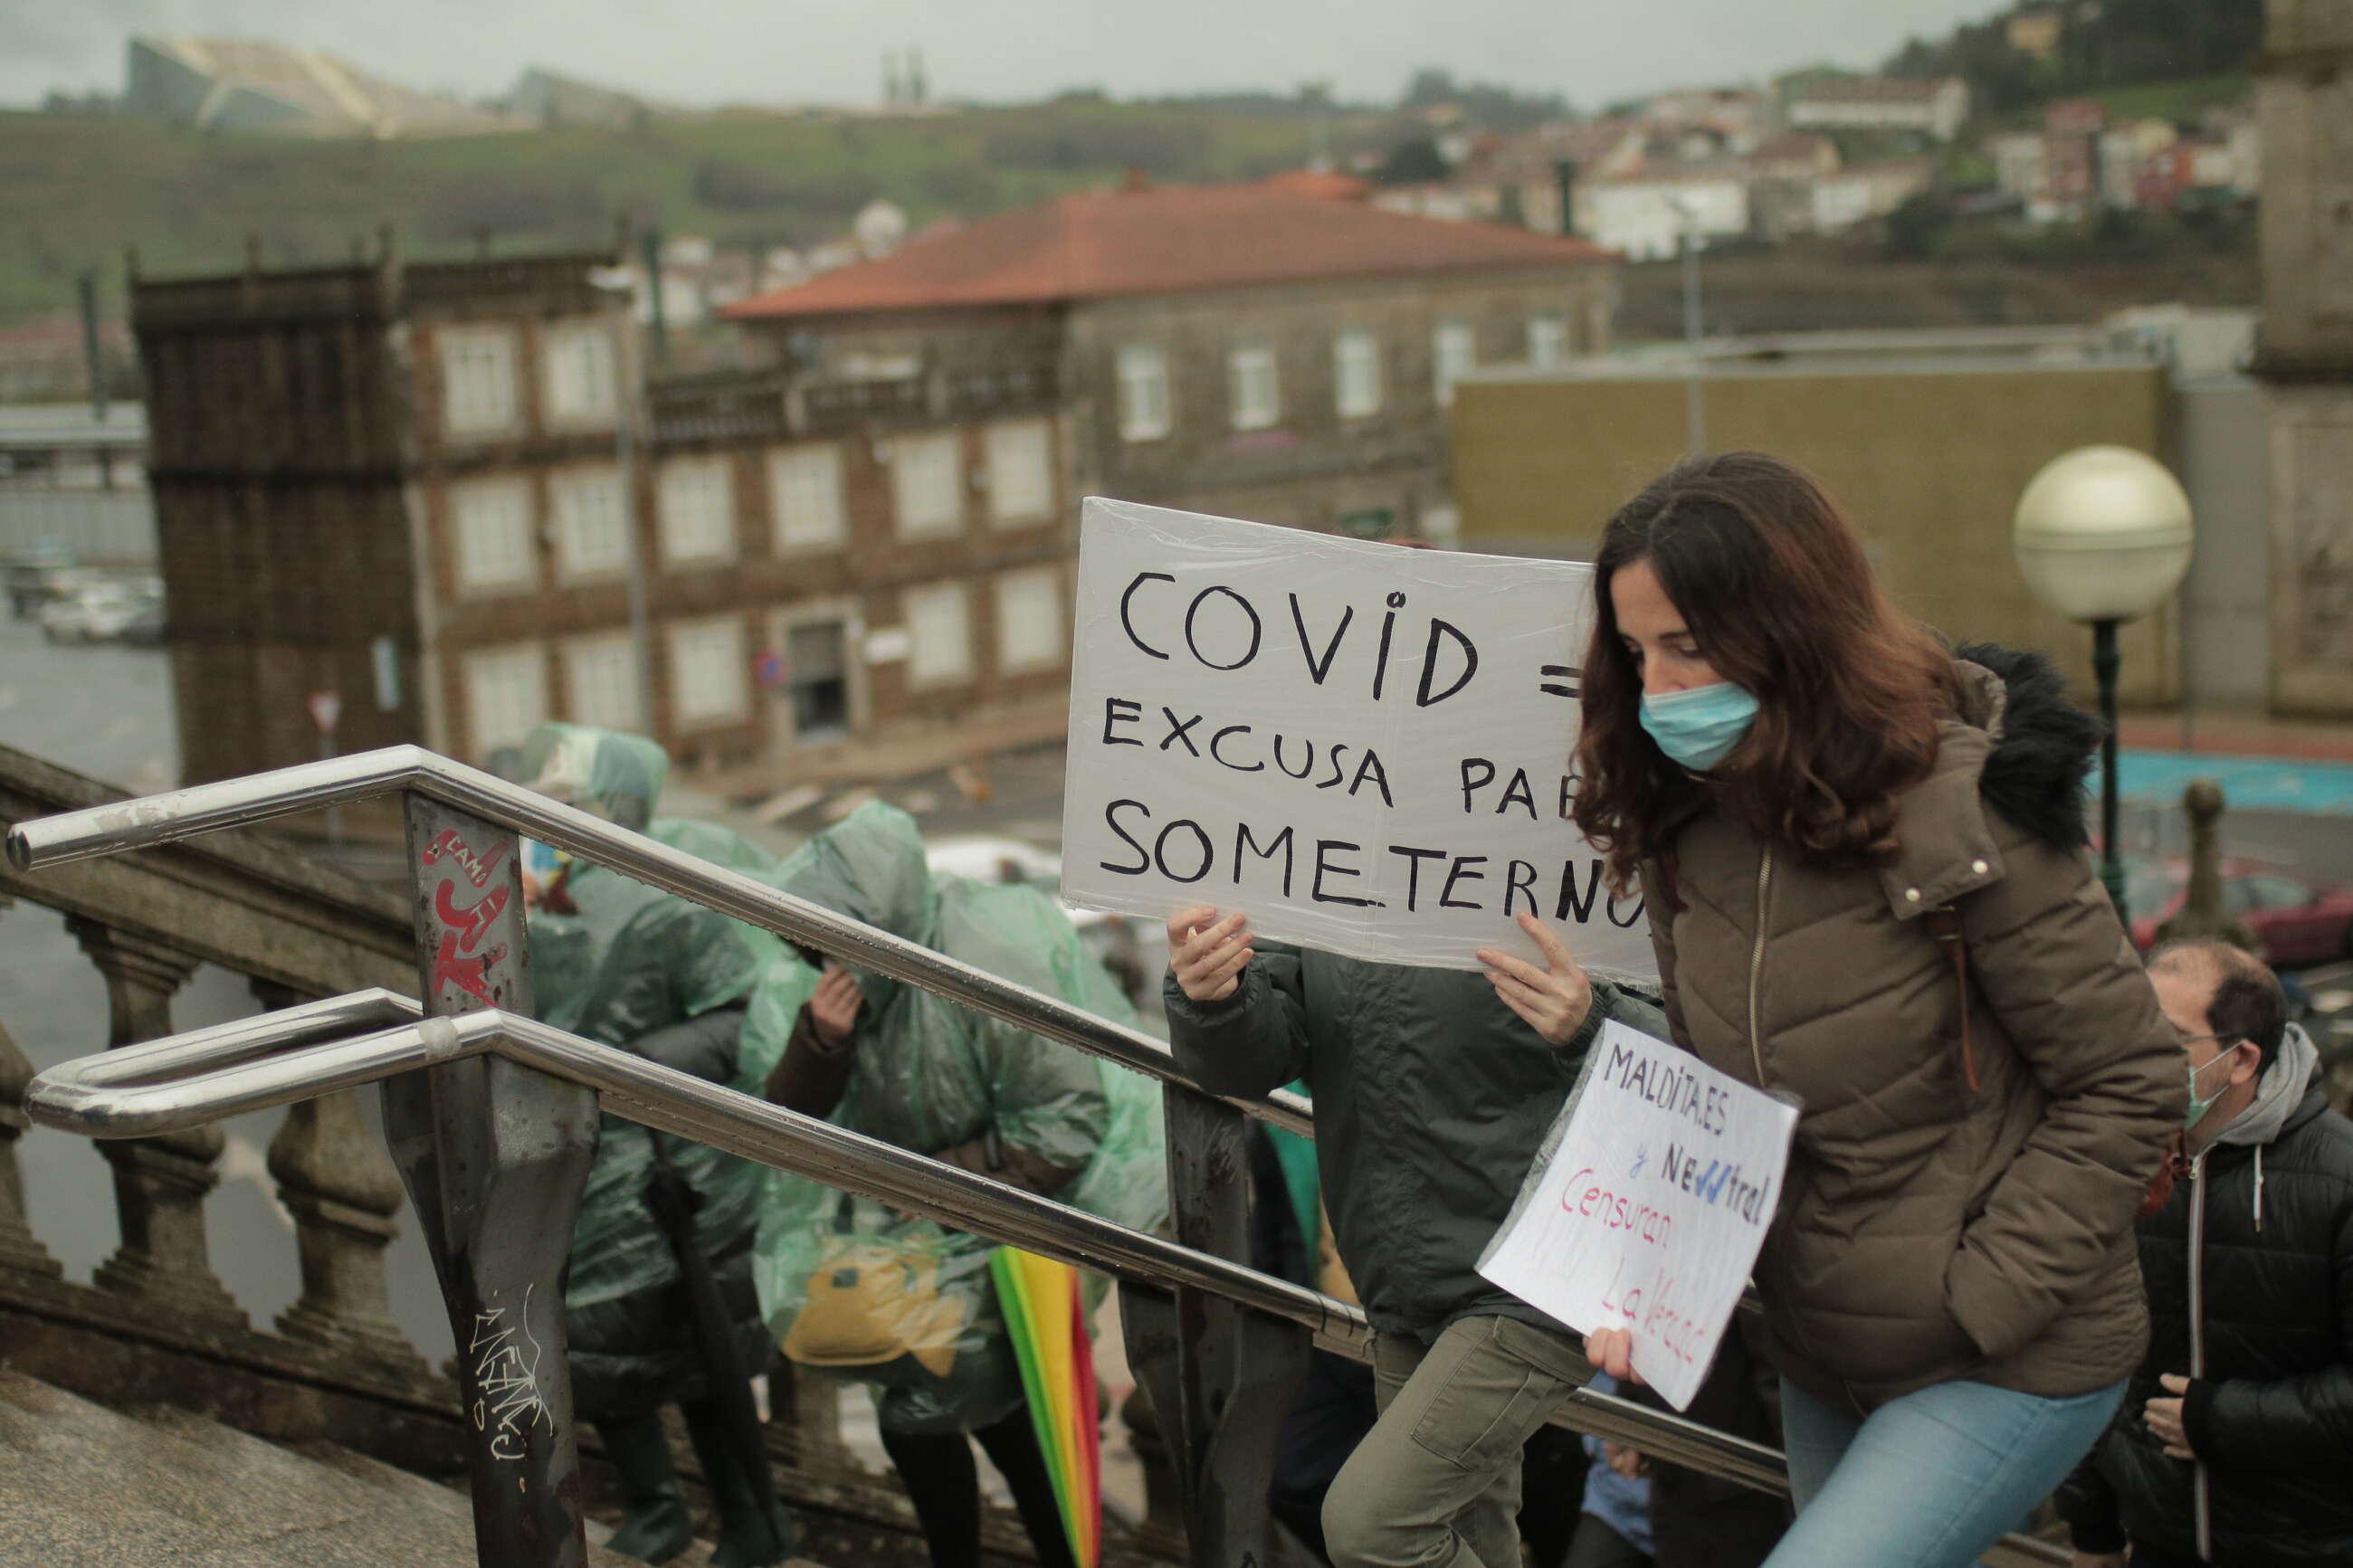 Uno de los carteles que portaban los manifestantes de la convocatoria negacionista en Santiago de Compostela // Inés Iglesias